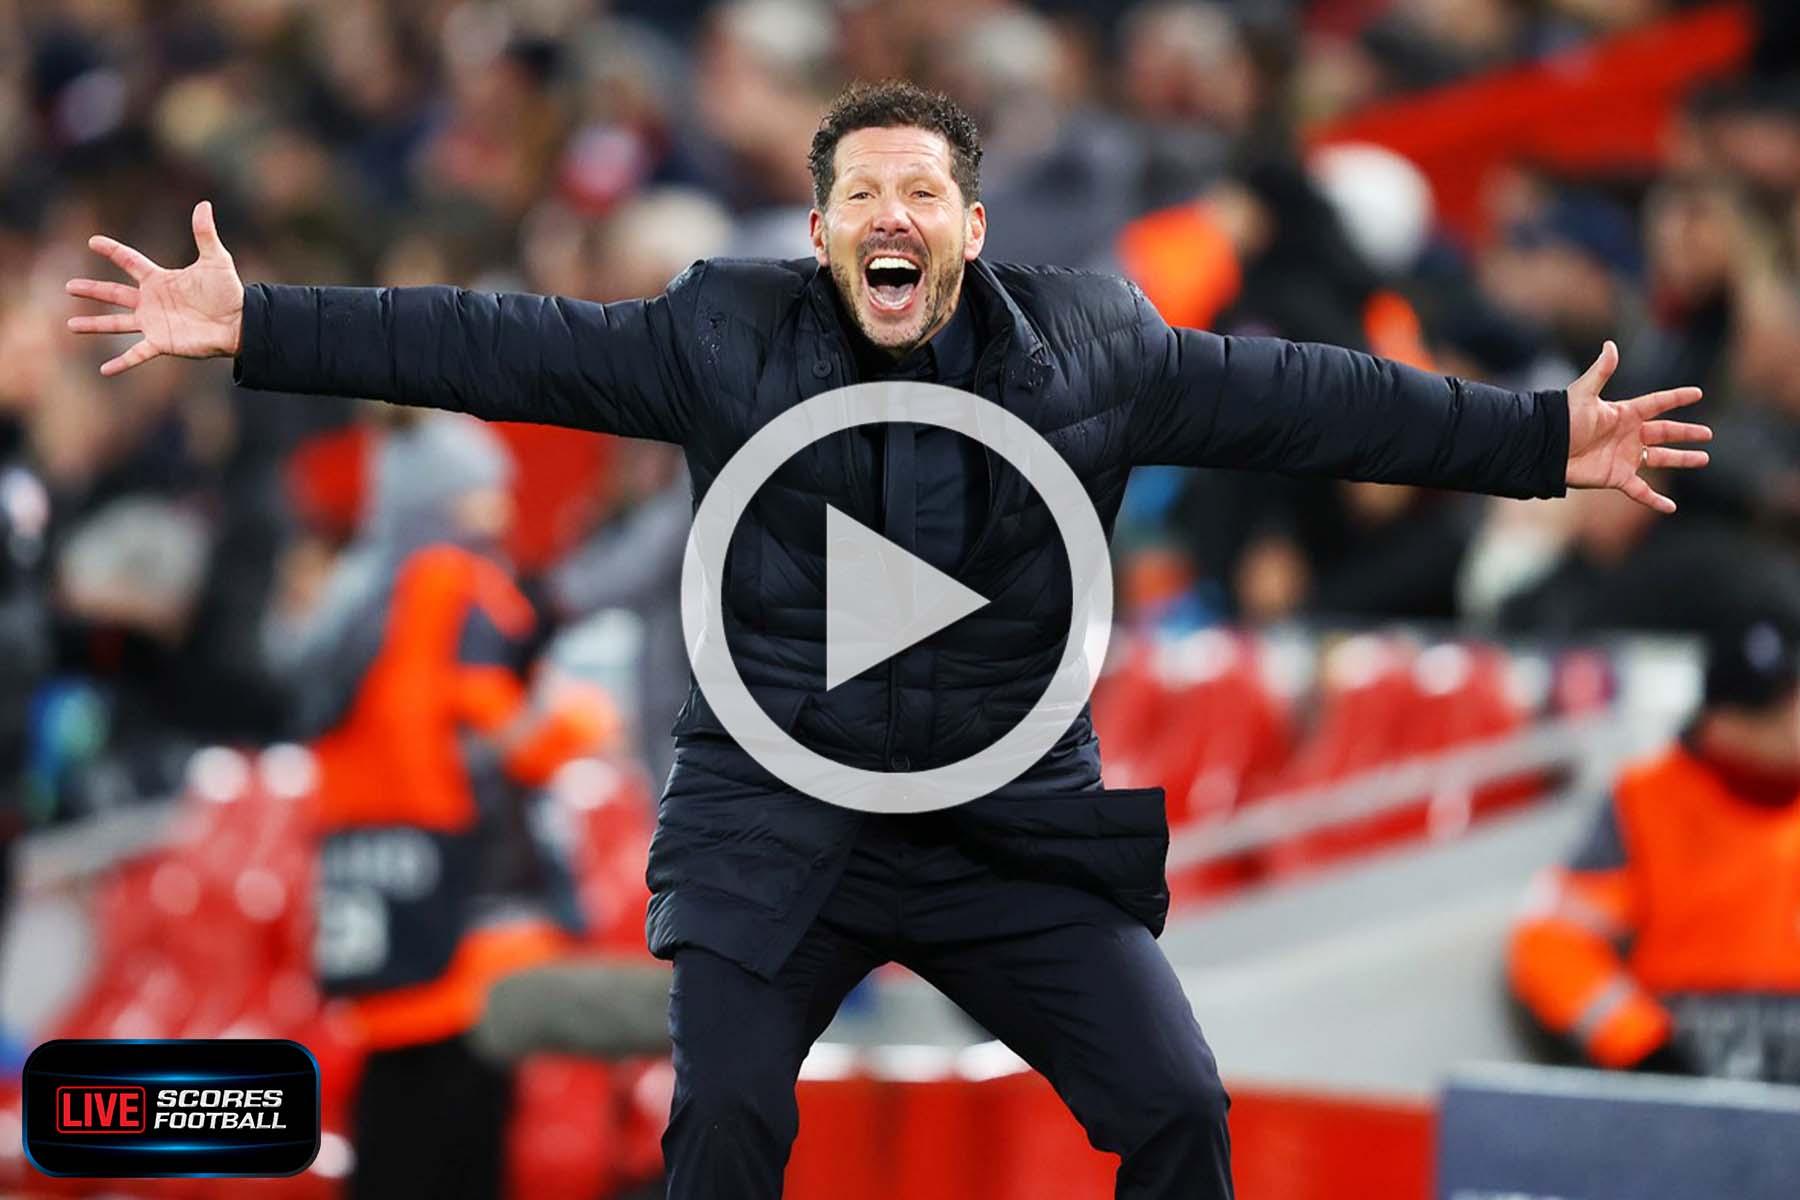 ไฮไลท์ UCL 2019-20 ลิเวอร์พูล 2-3 แอตเลติโก มาดริด นัดที่2 รอบ 16 ทีม 11-3-2020 - livescores